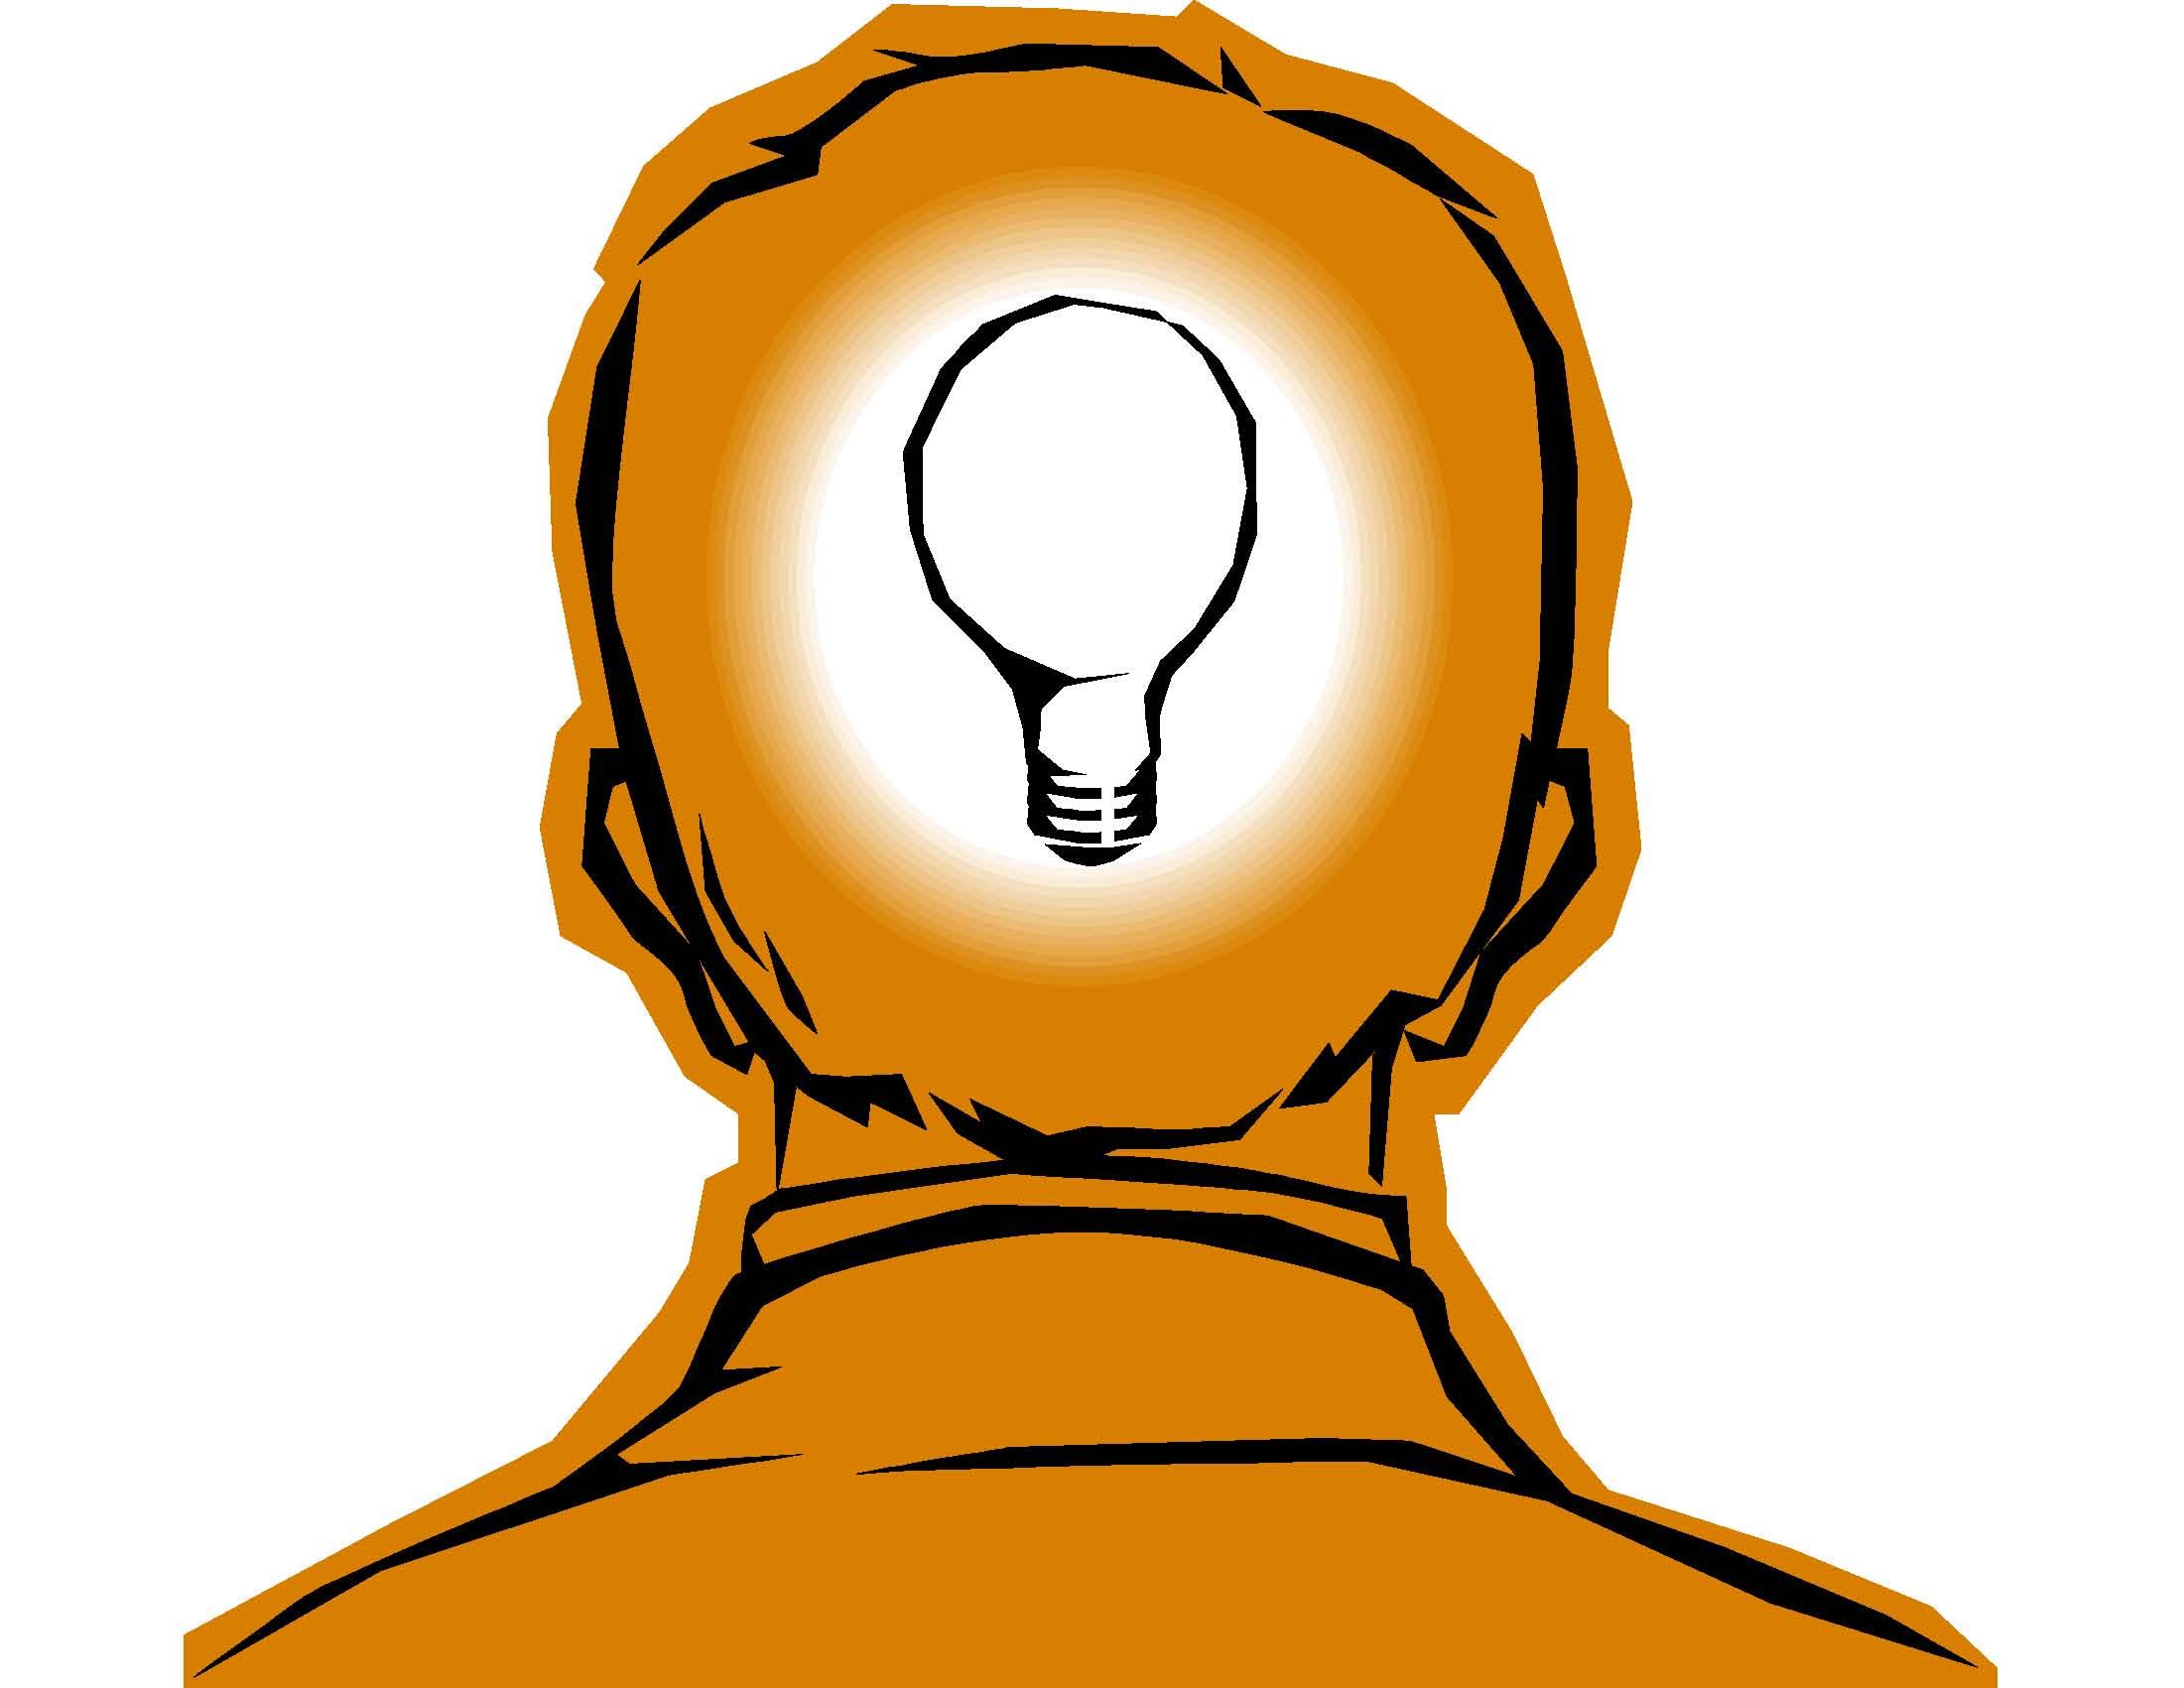 Kritikai gondolkodás és a nézeteltérések